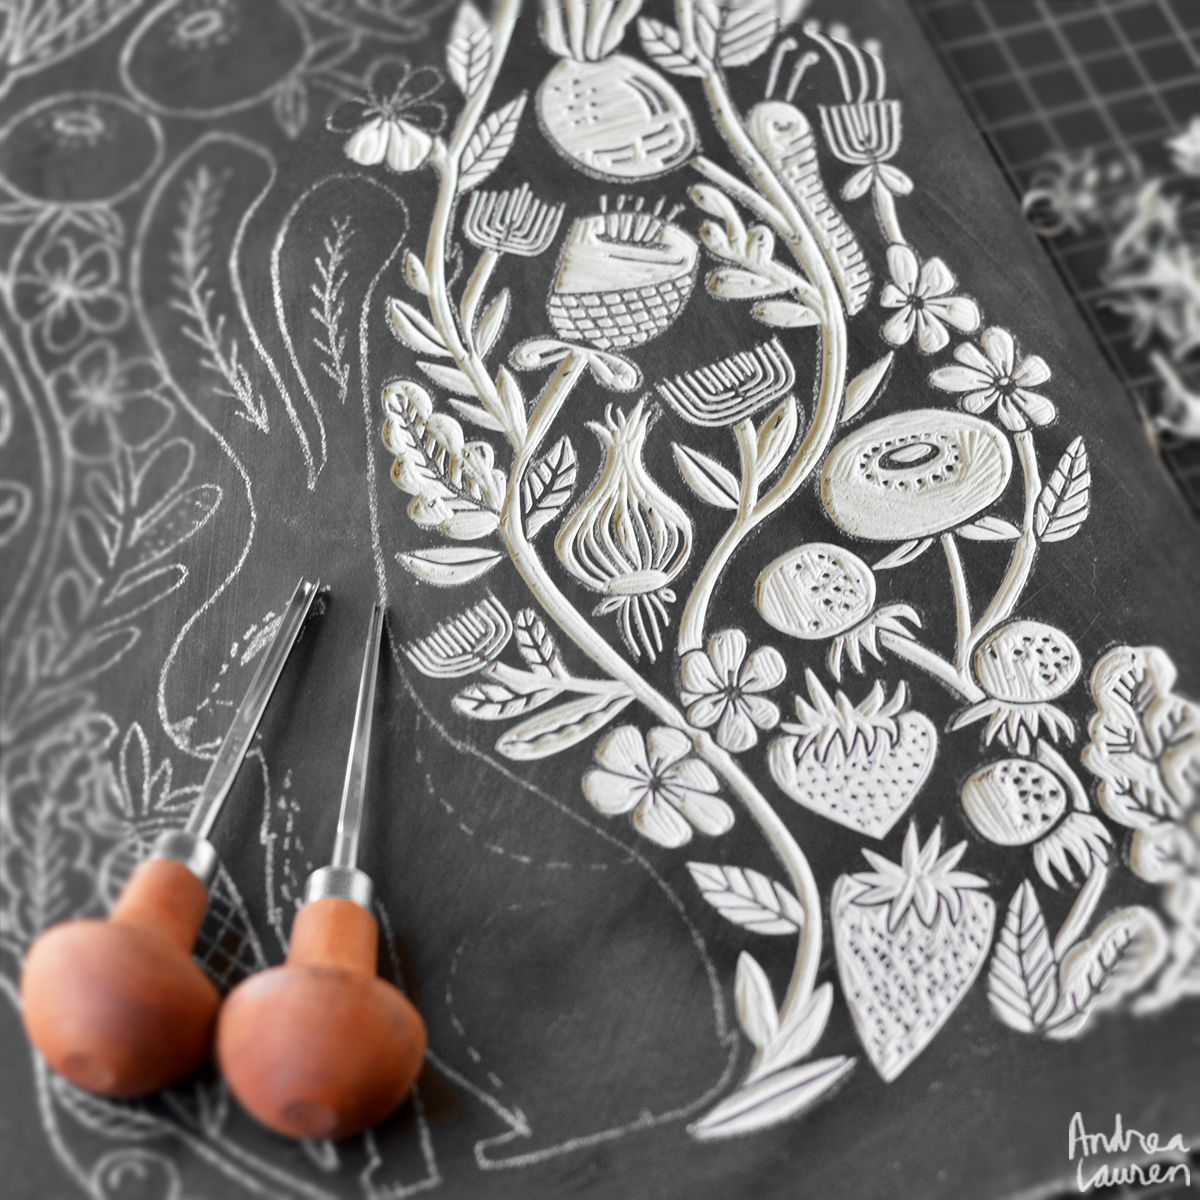 Inkprintrepeat Andrea Lauren Instagram